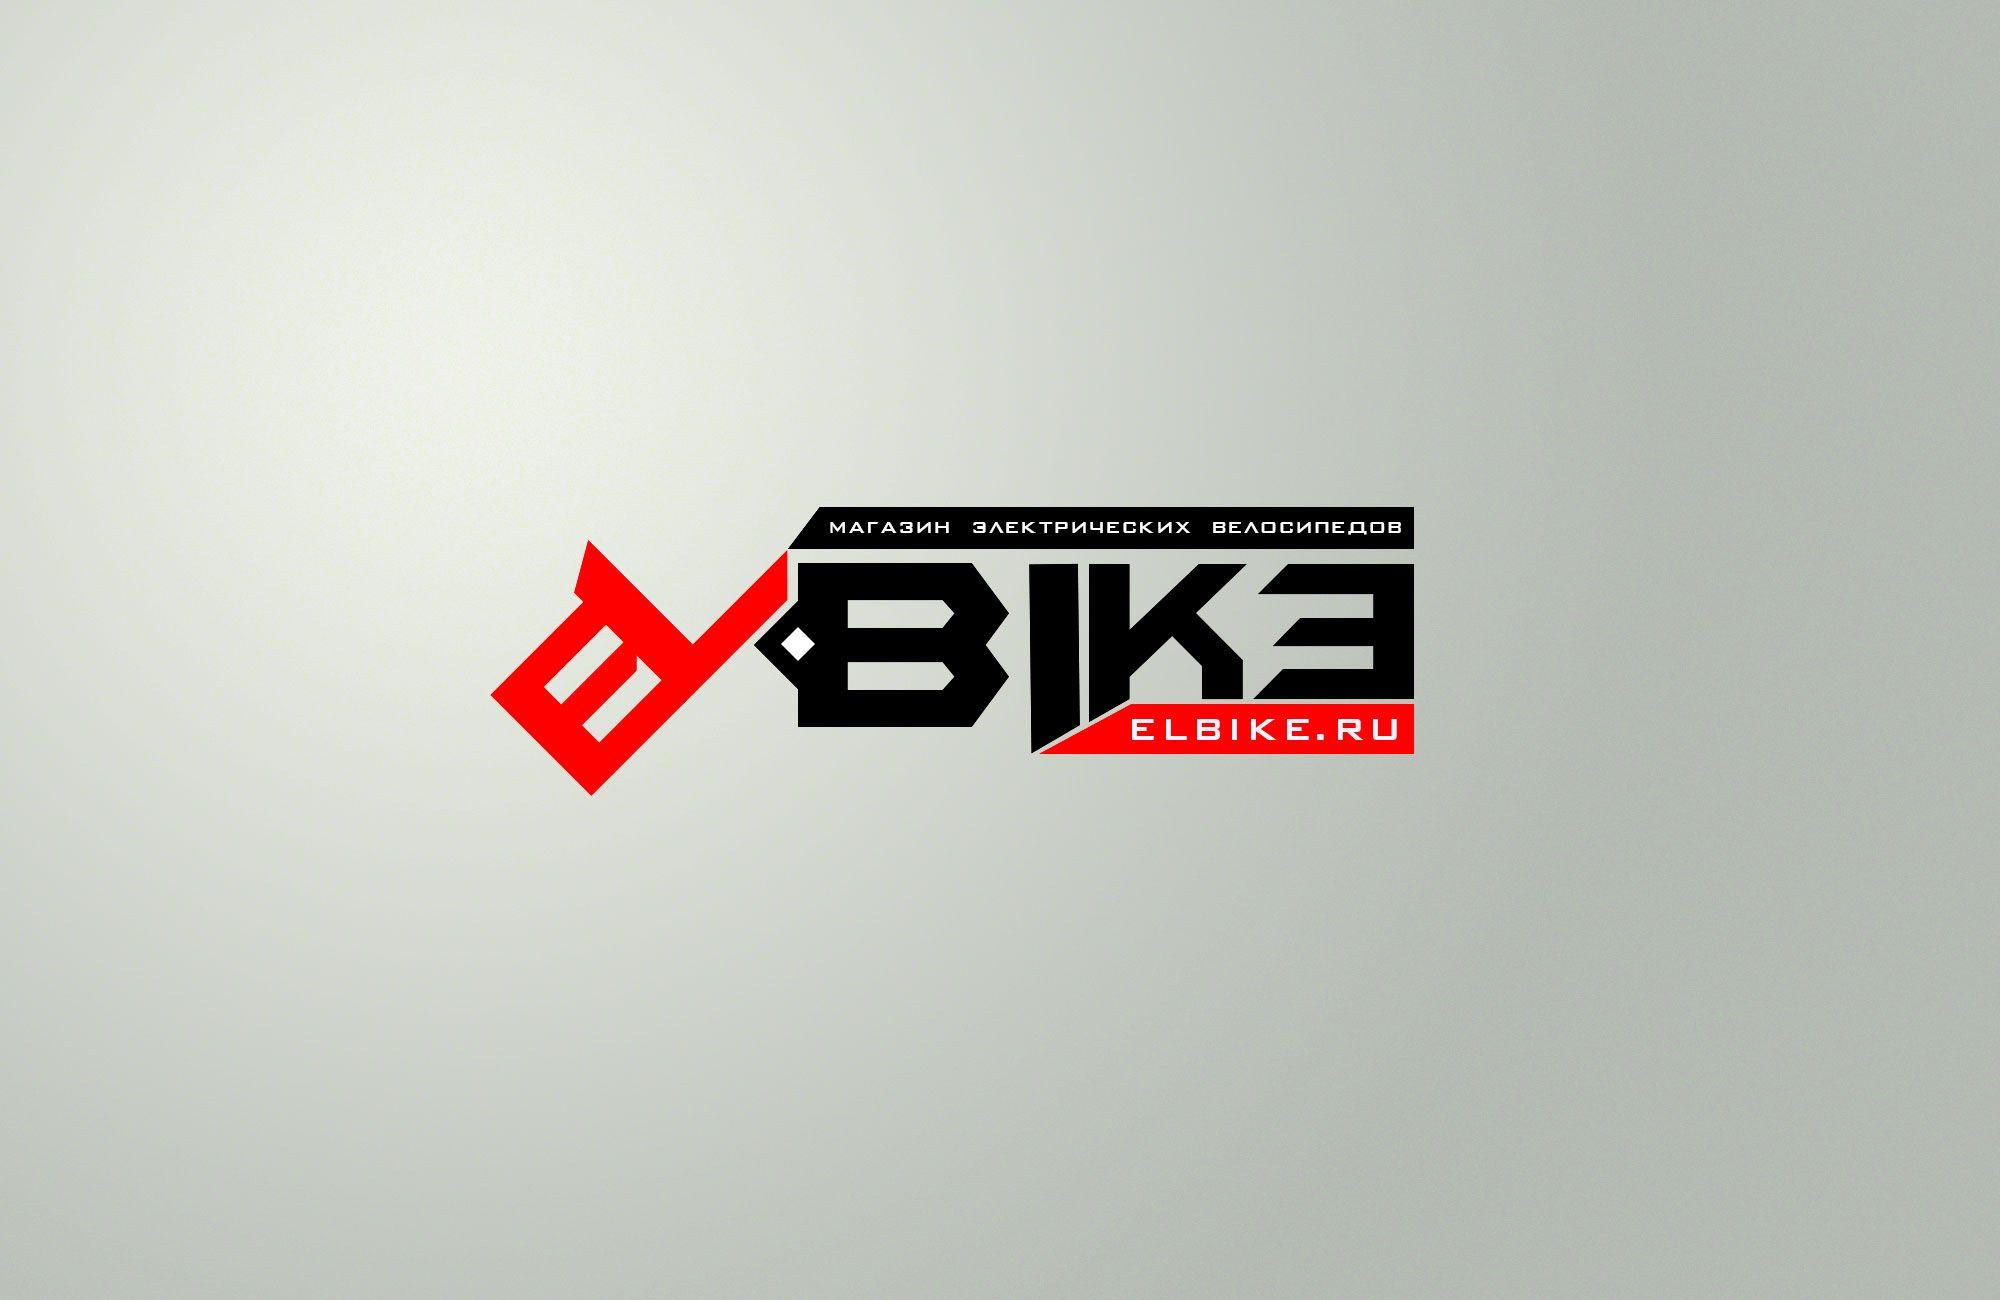 Фирменный стиль для Elbike.ru - дизайнер Greitos